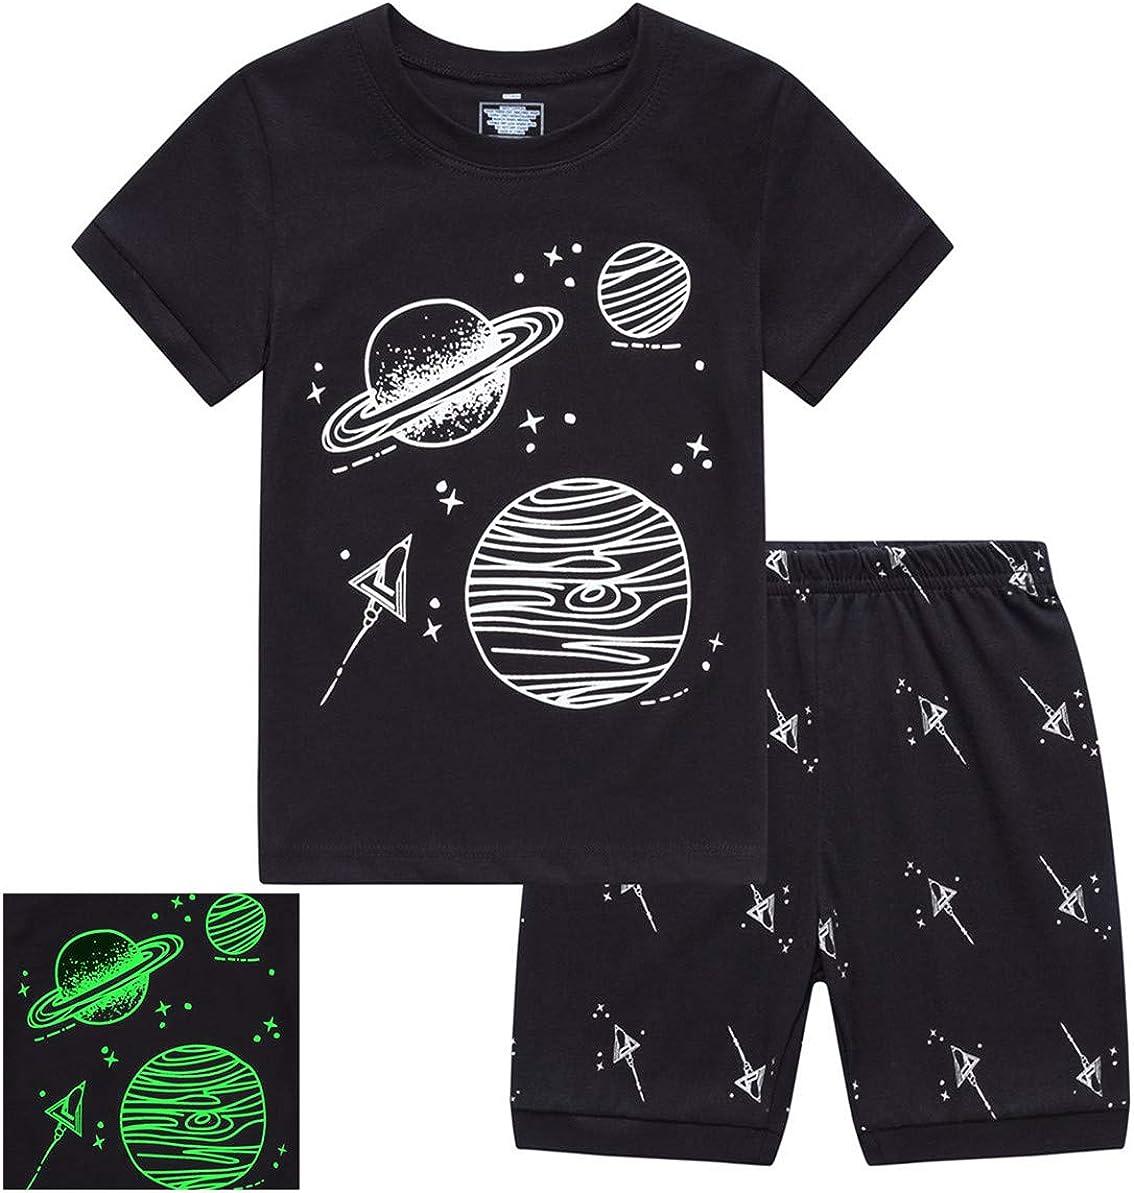 RKOIAN Little Boys Girls' Pajamas Sets Glow in The Dark Toddler Pjs Cotton Kids Sleepwear